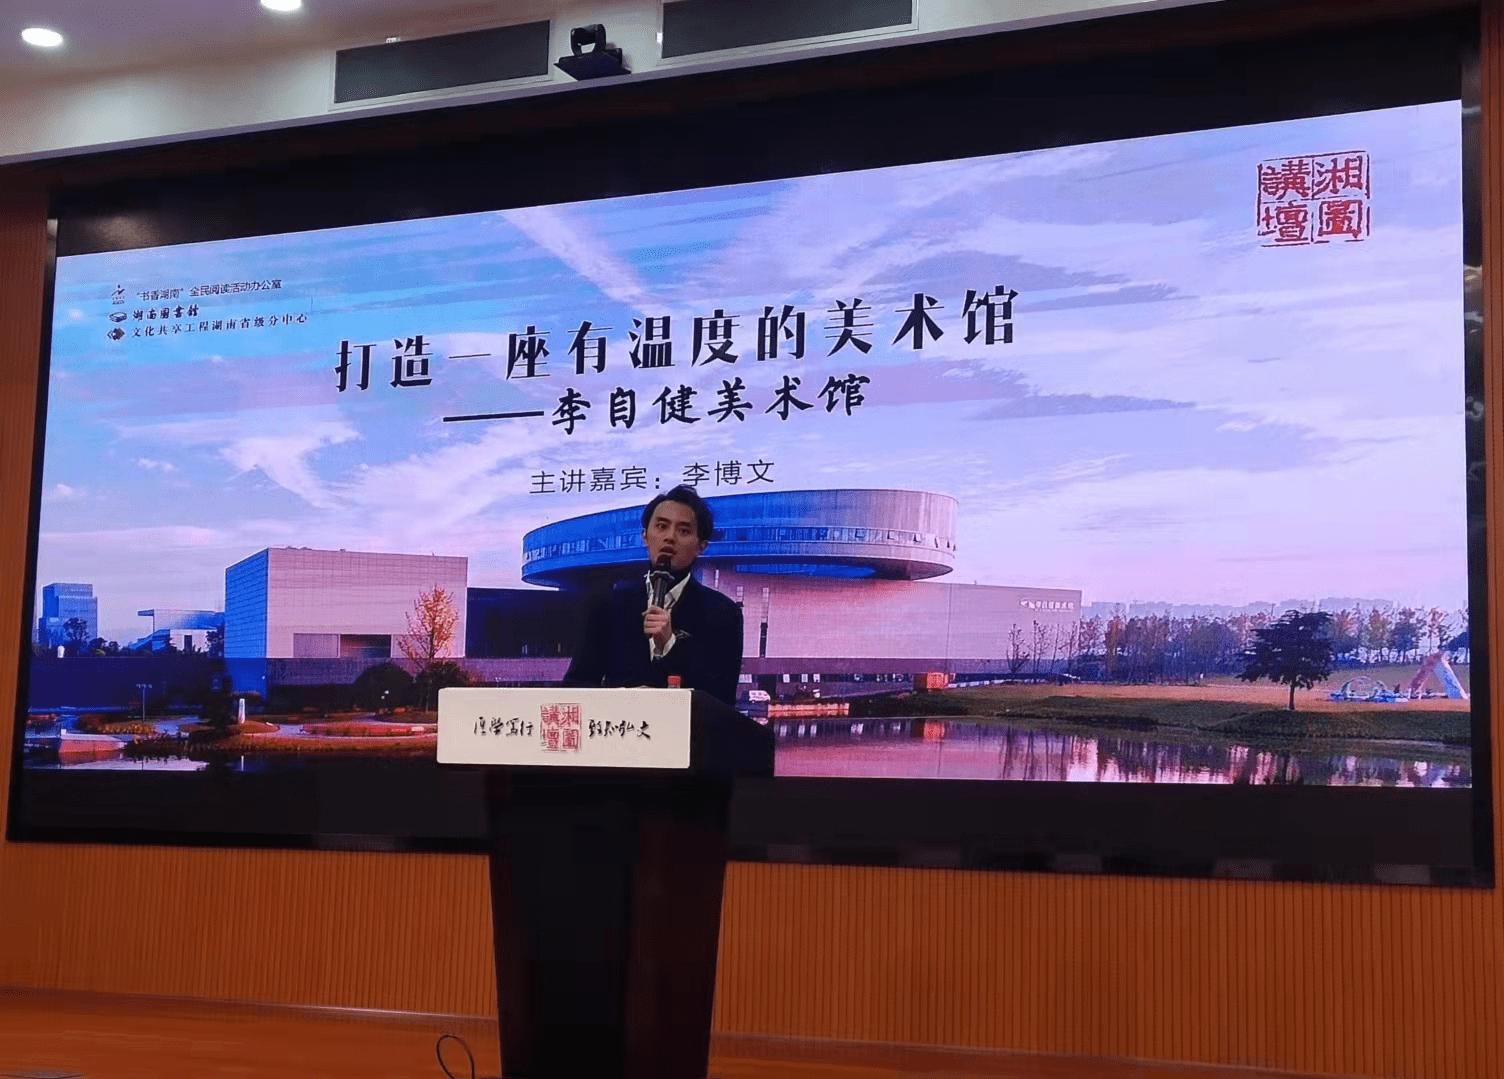 李博文在湘图开讲:想打造有温度的美术馆,必须尊重艺术家和观众